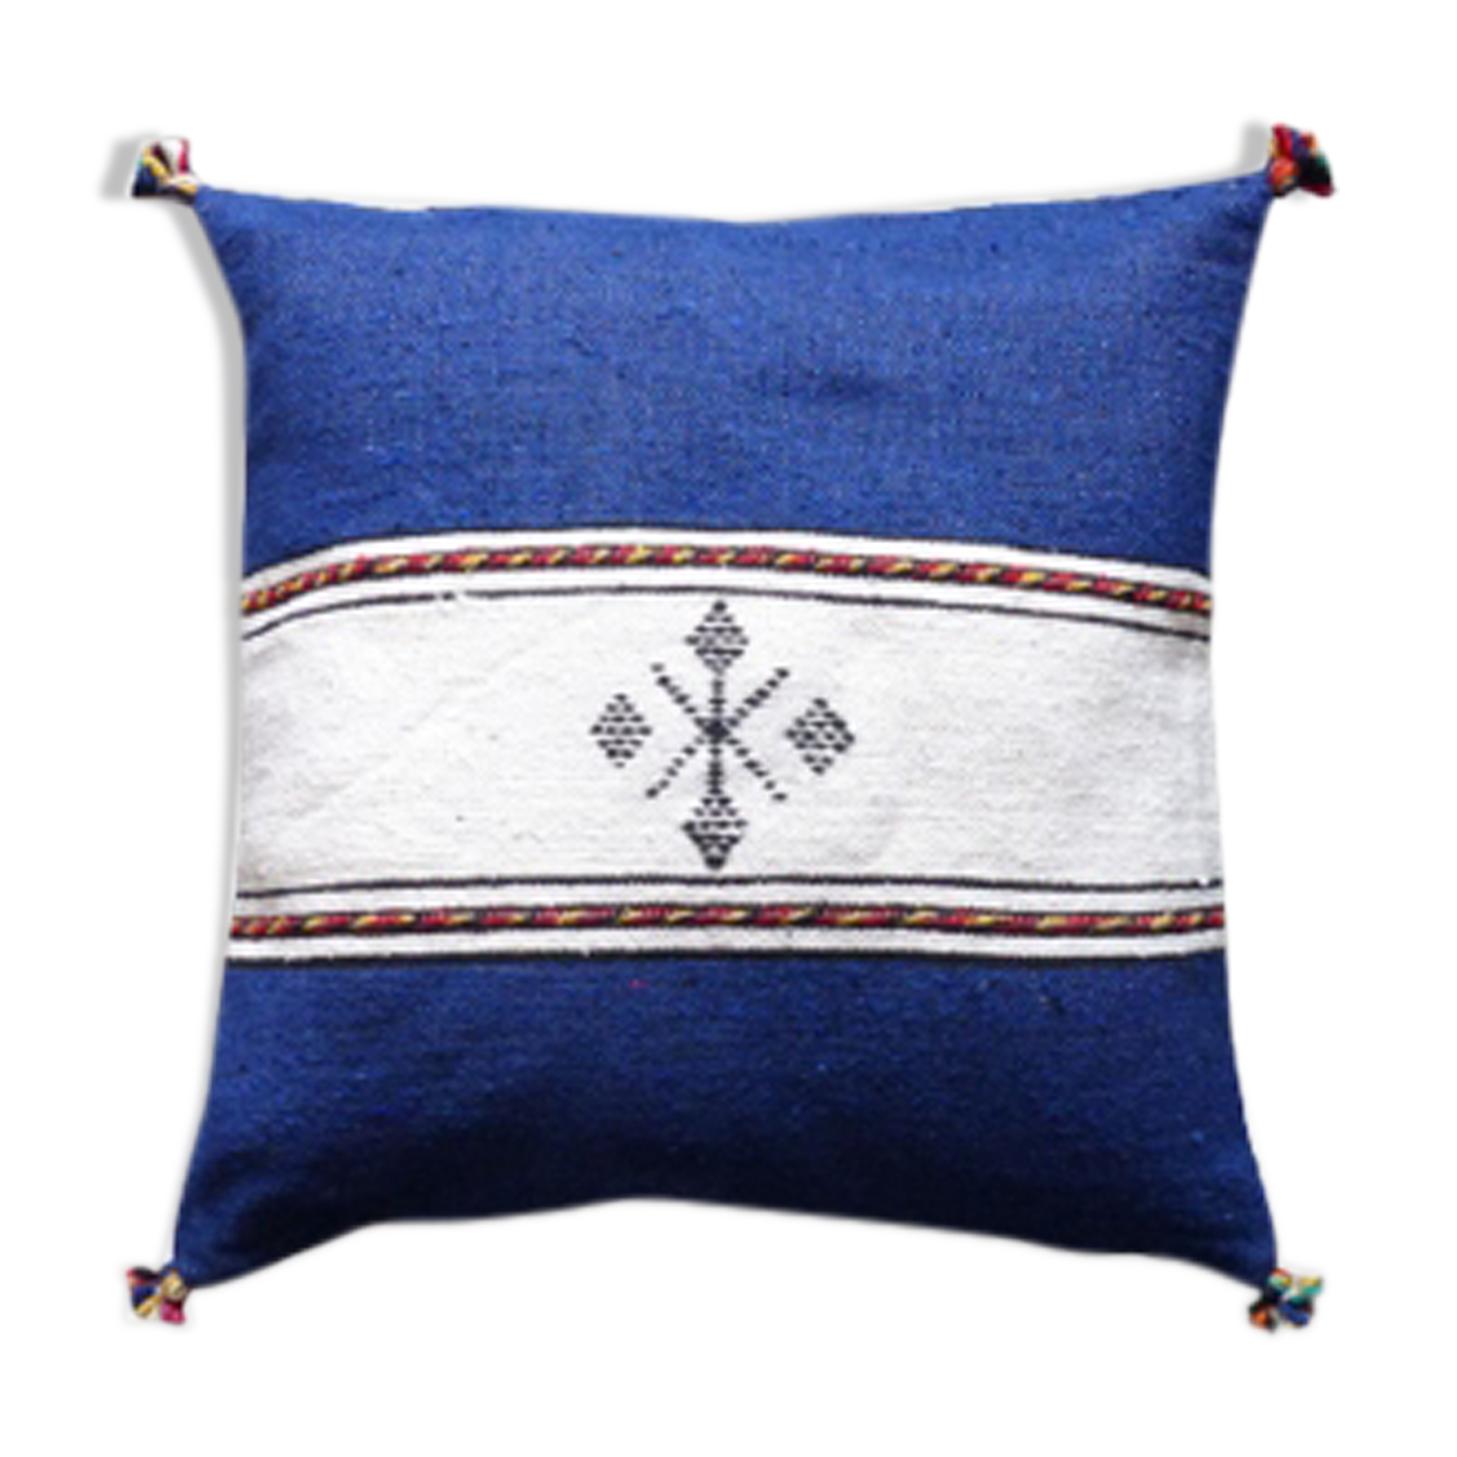 Coussin berbère marocain bleu et blanc